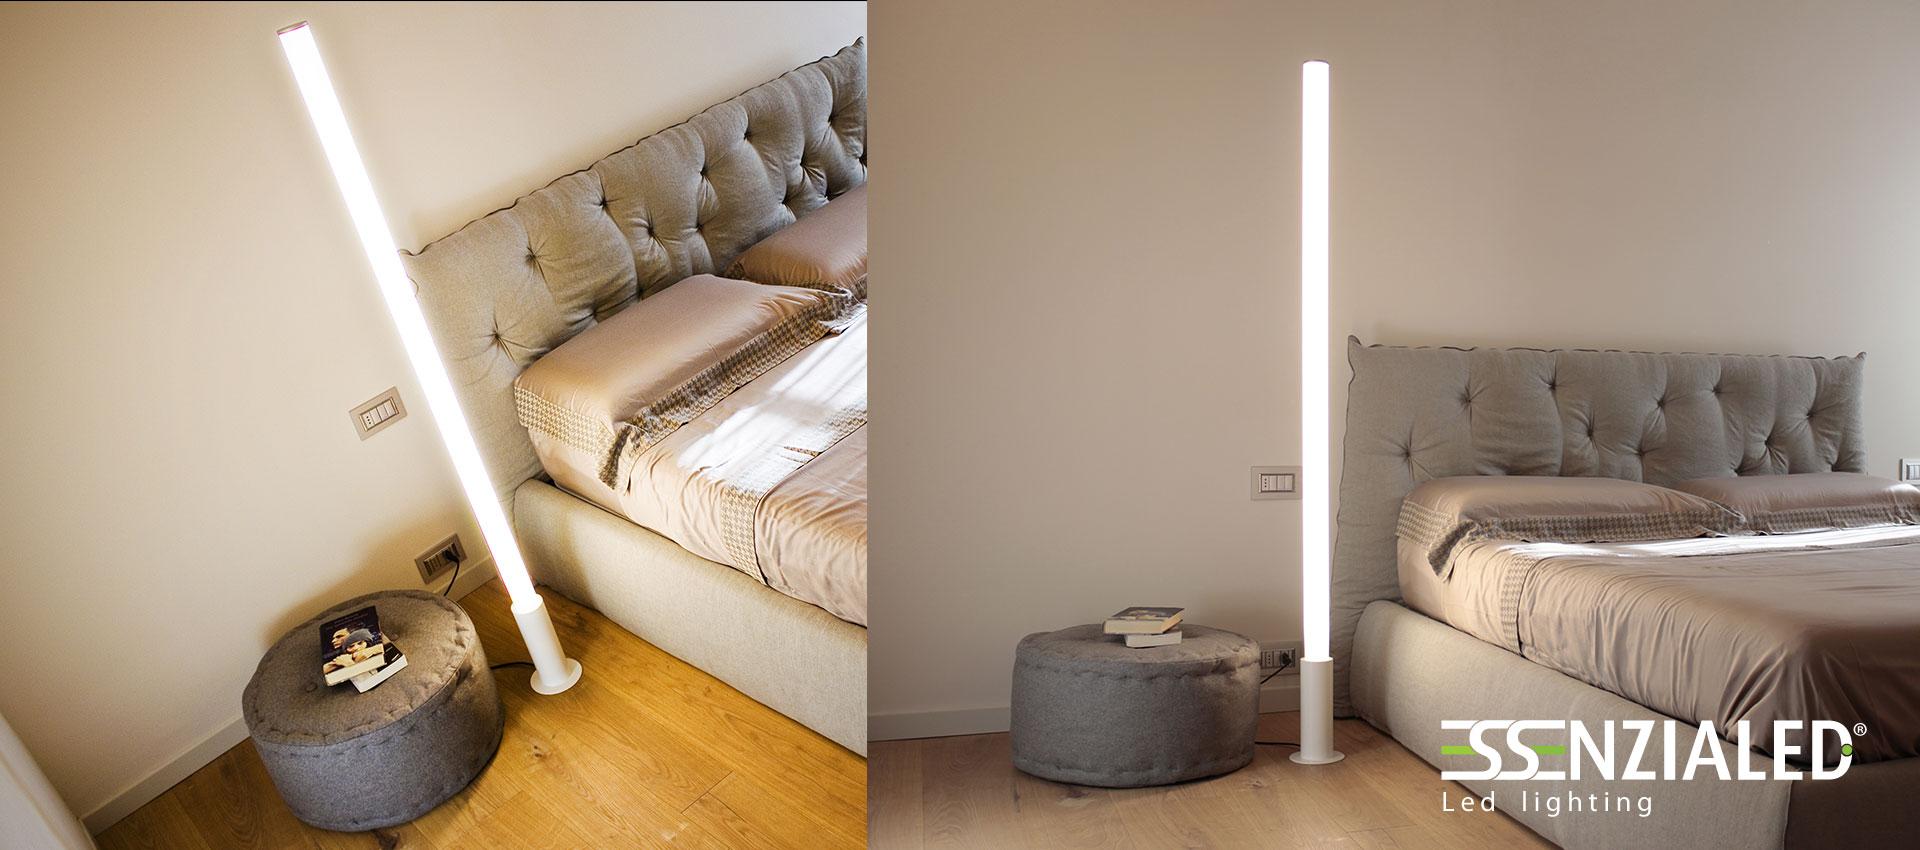 Lampade da terra Led FLUO e MINIFLUO - Essenzialed - Illuminazione a ledEssen...